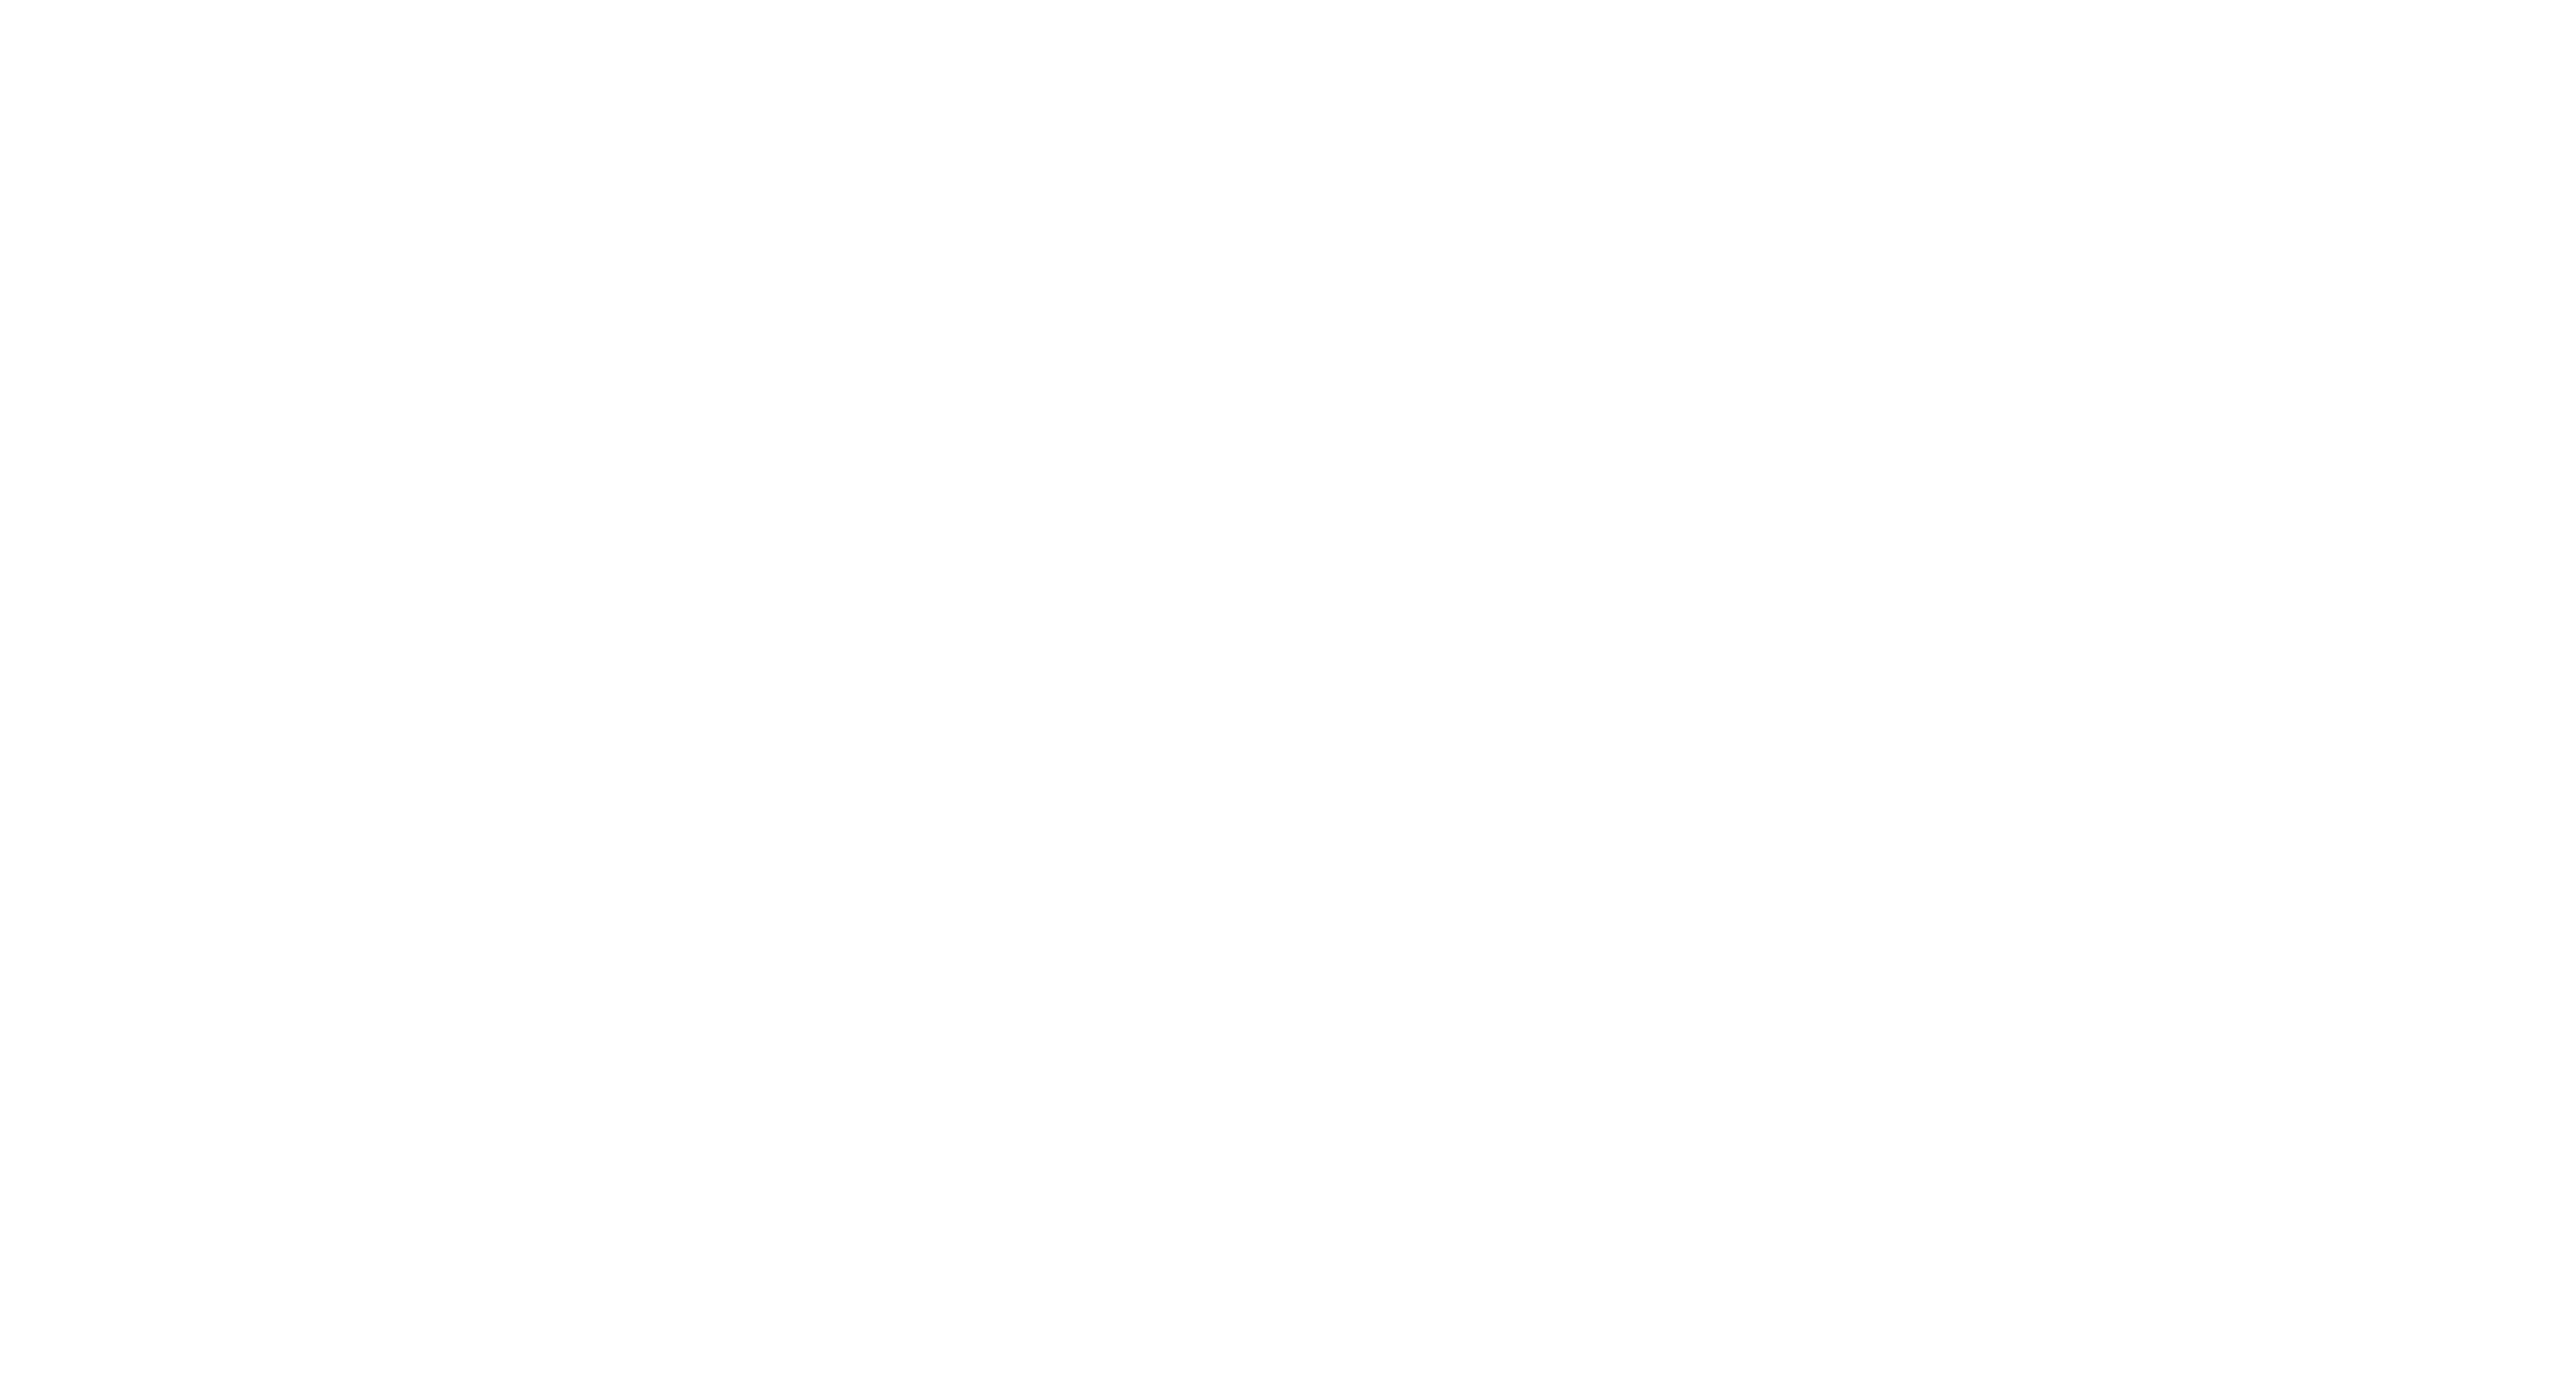 Dell White Logo